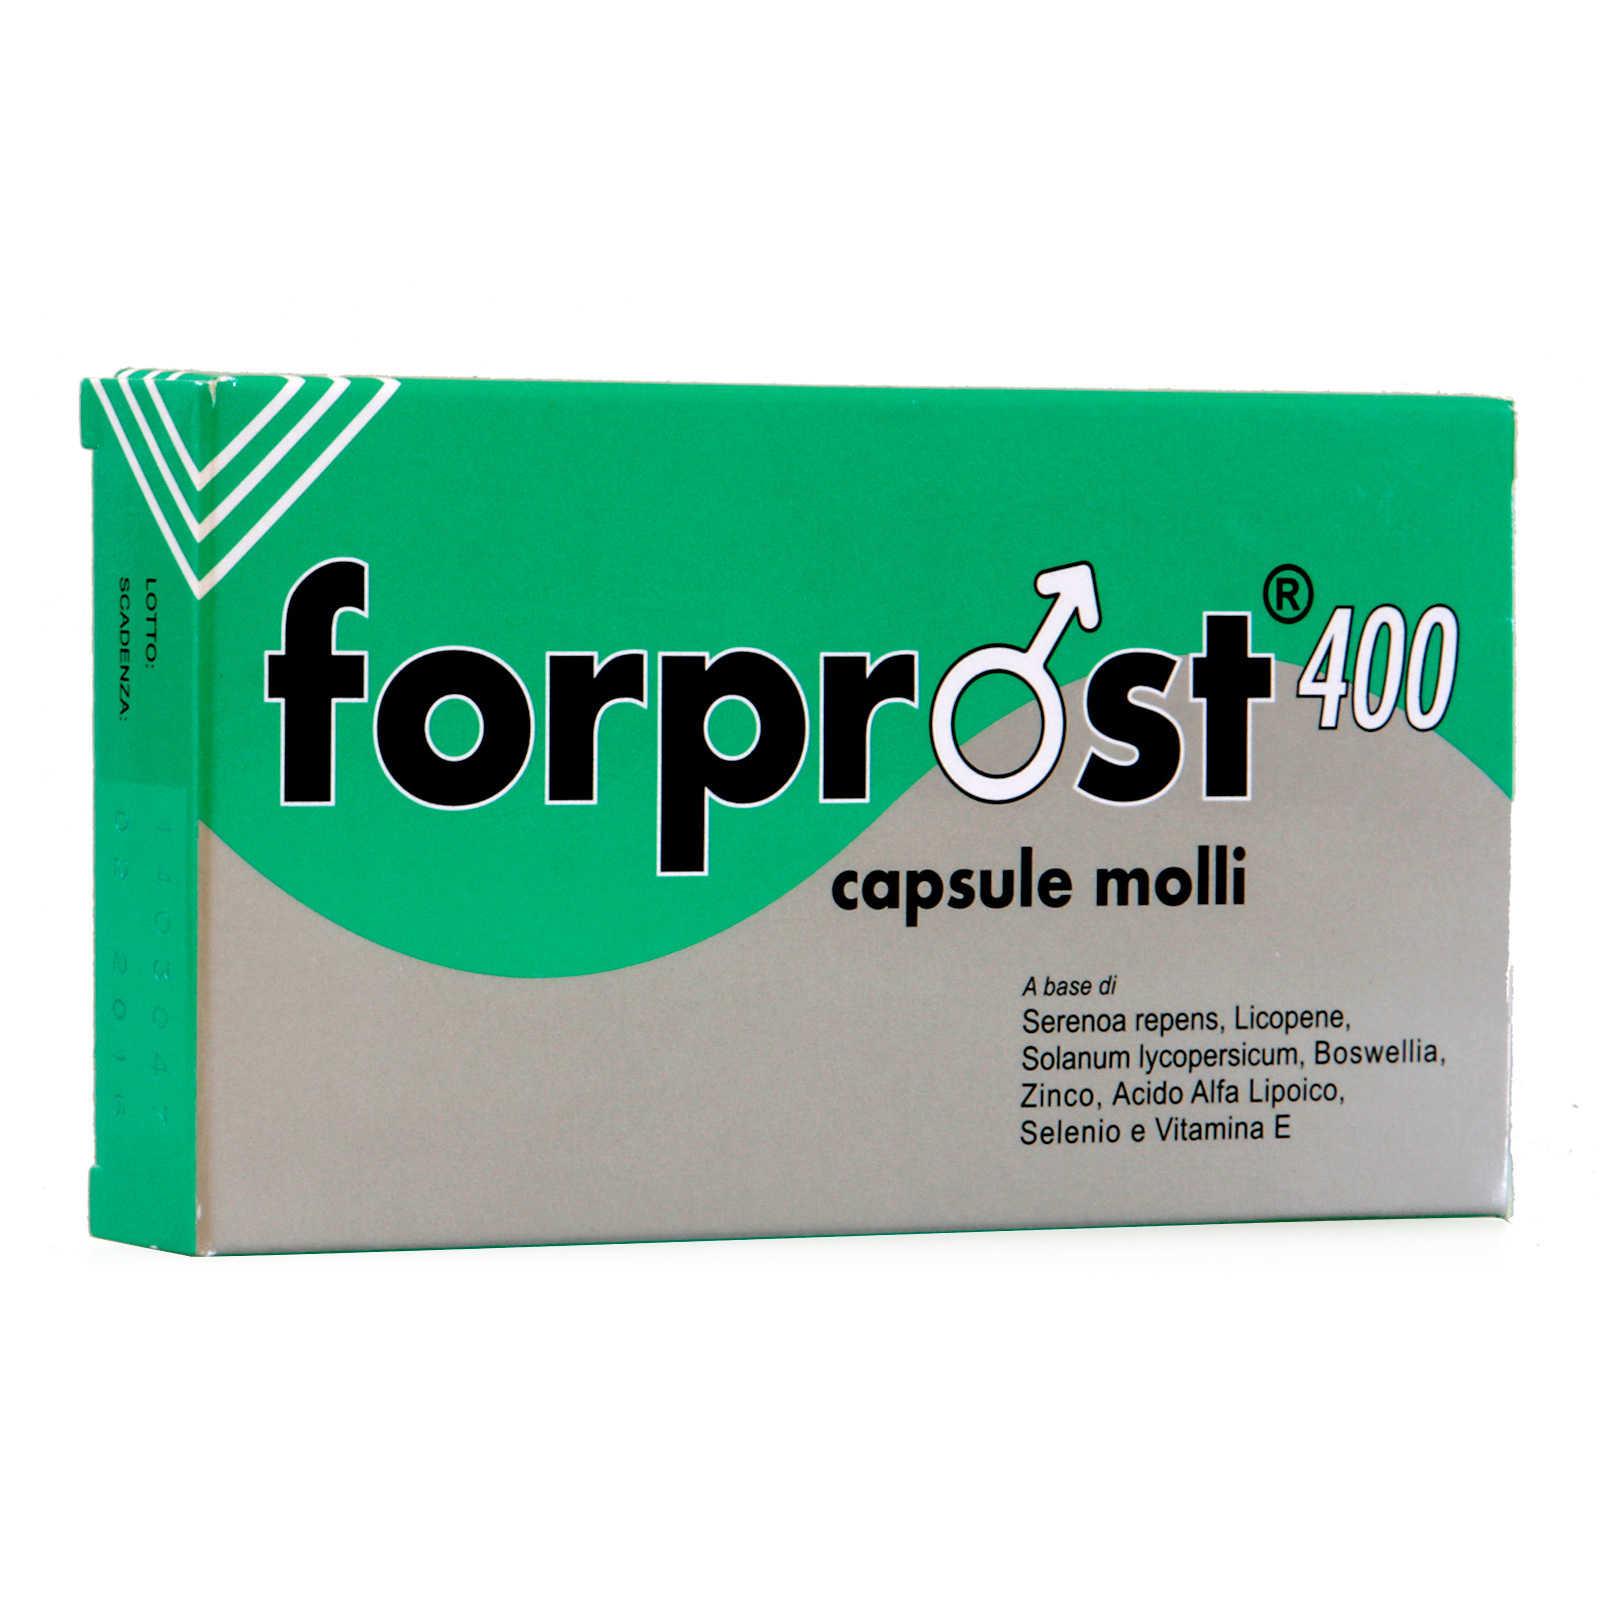 Forprost - Coadiuvante delle funzioni della prostata - Capsule molli